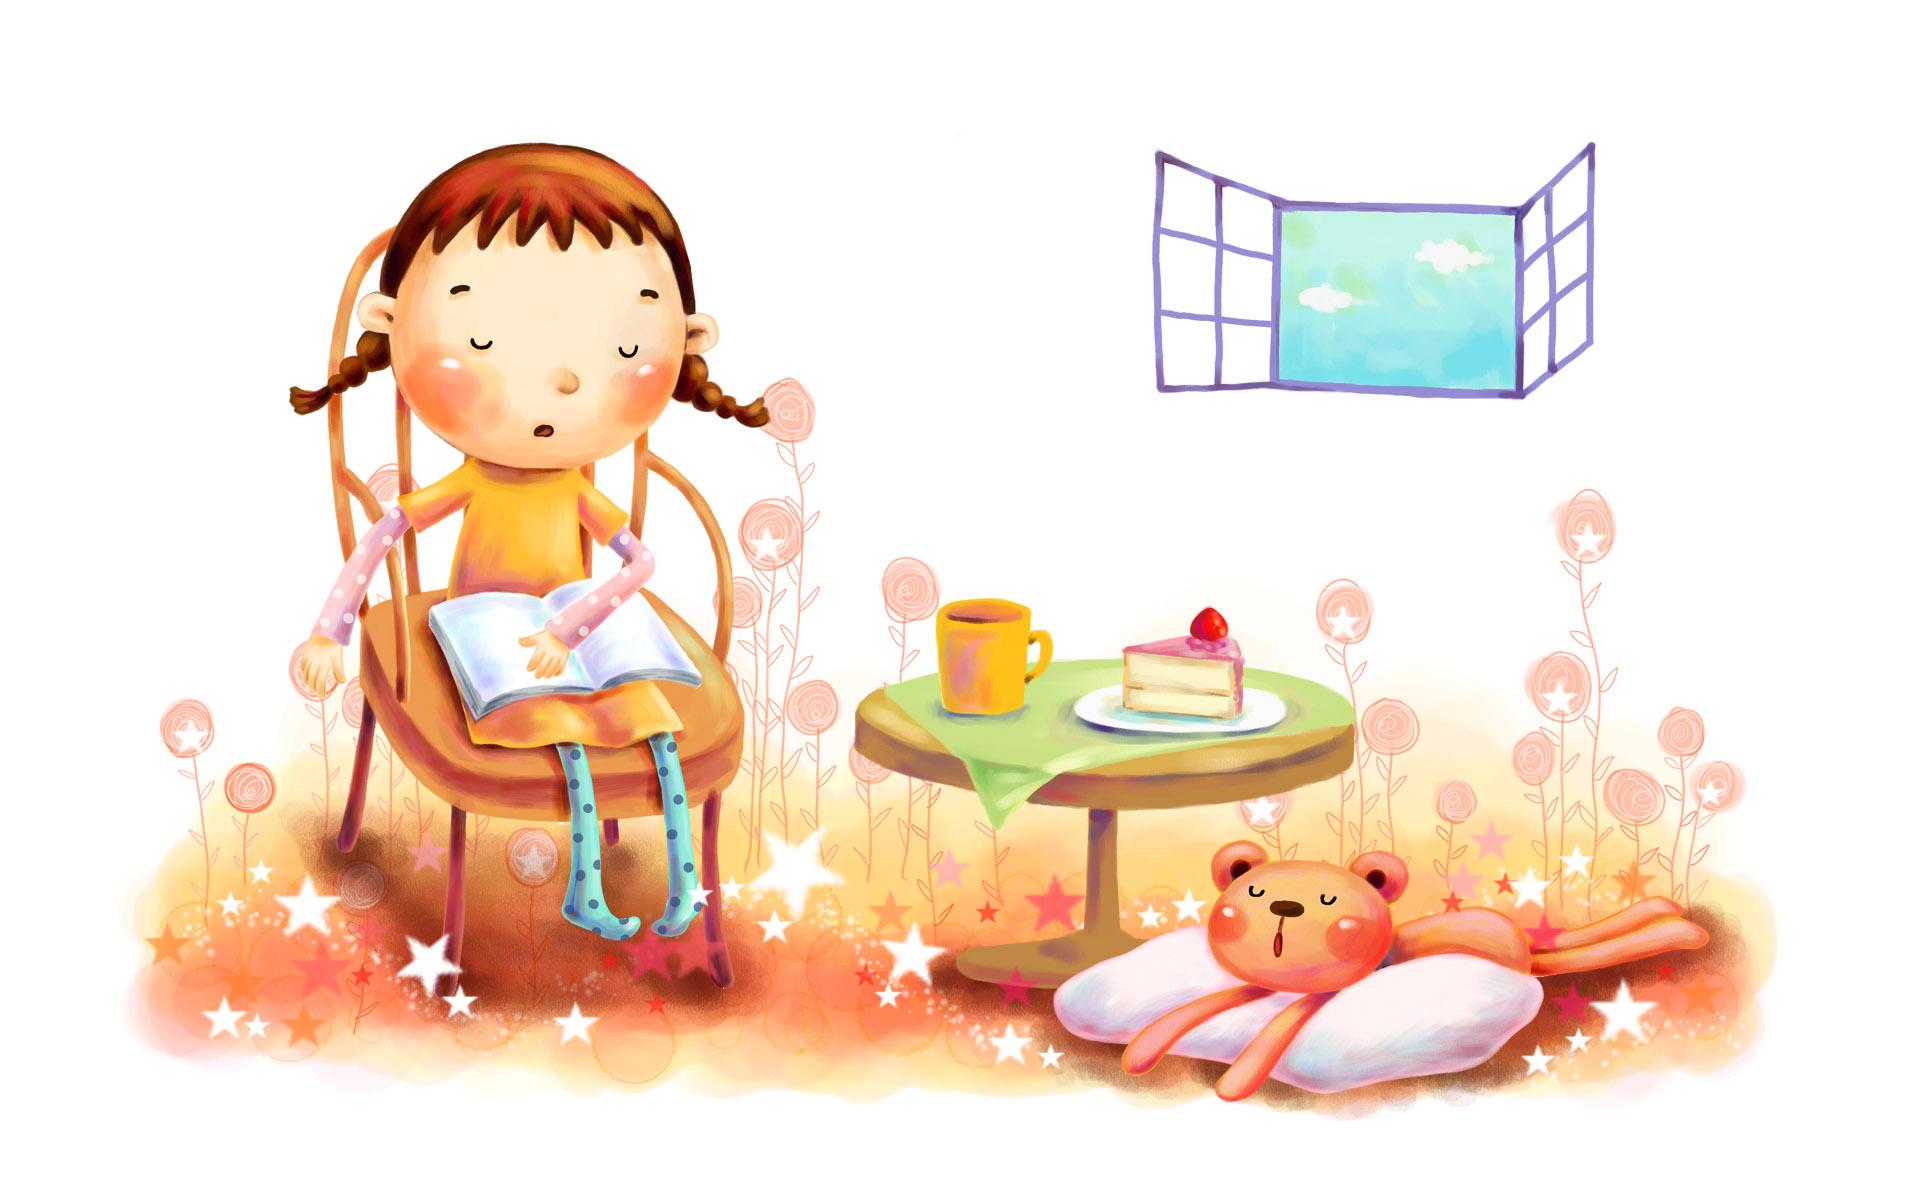 壁纸1920×1200六一国际儿童节可爱卡通宽屏壁纸 壁纸10壁纸 六一国际儿童节可爱卡壁纸图片动漫壁纸动漫图片素材桌面壁纸